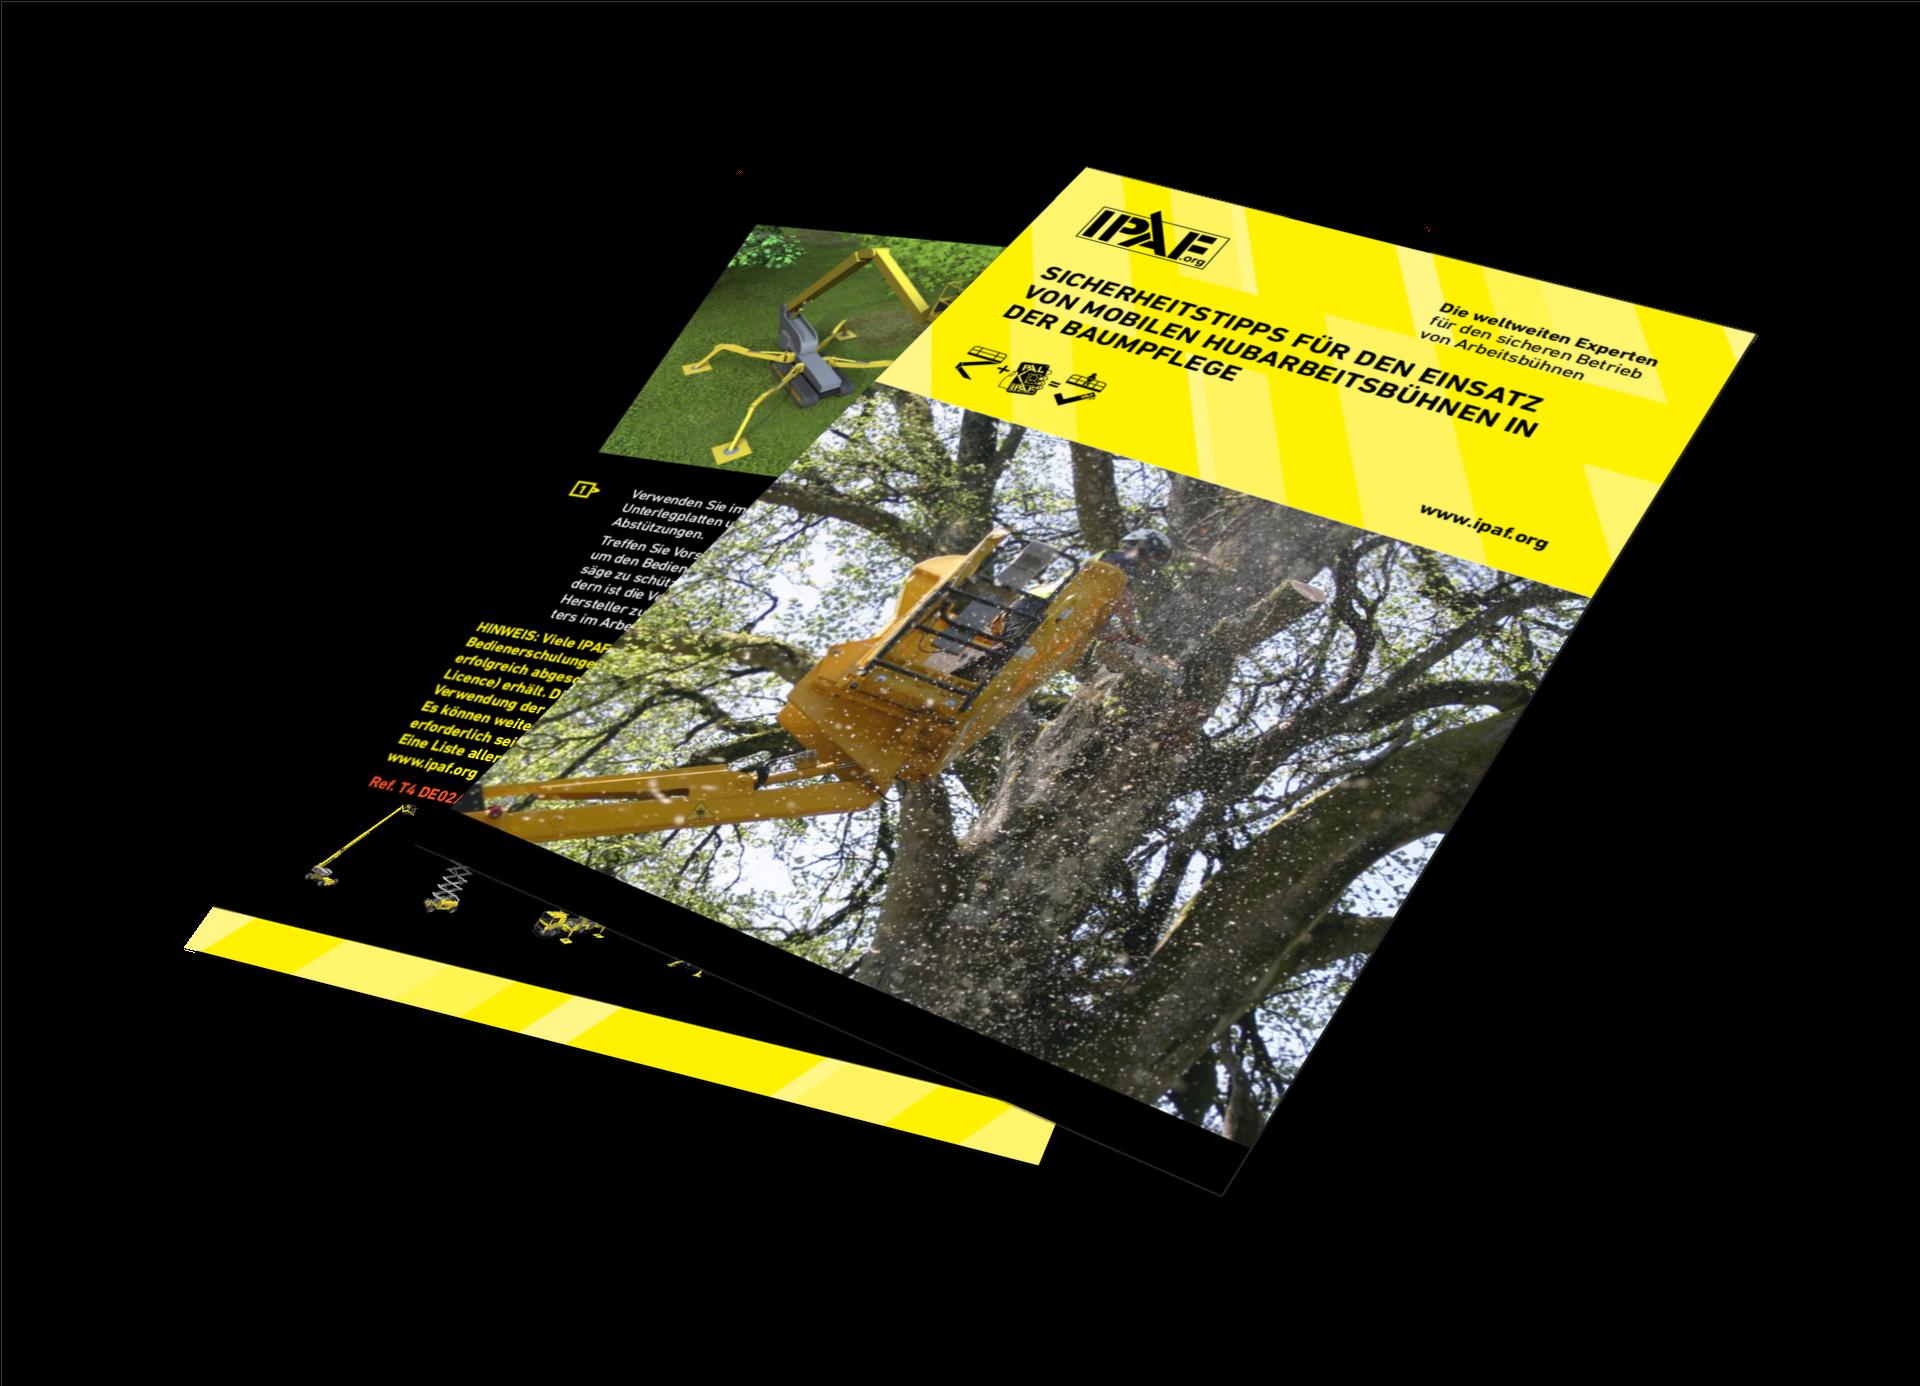 Technische Anleitungen Mobile Hubarbeitsbühnen in der Baumpflege Download Deutsch - Mobile Hubarbeitsbühnen in der Baumpflege